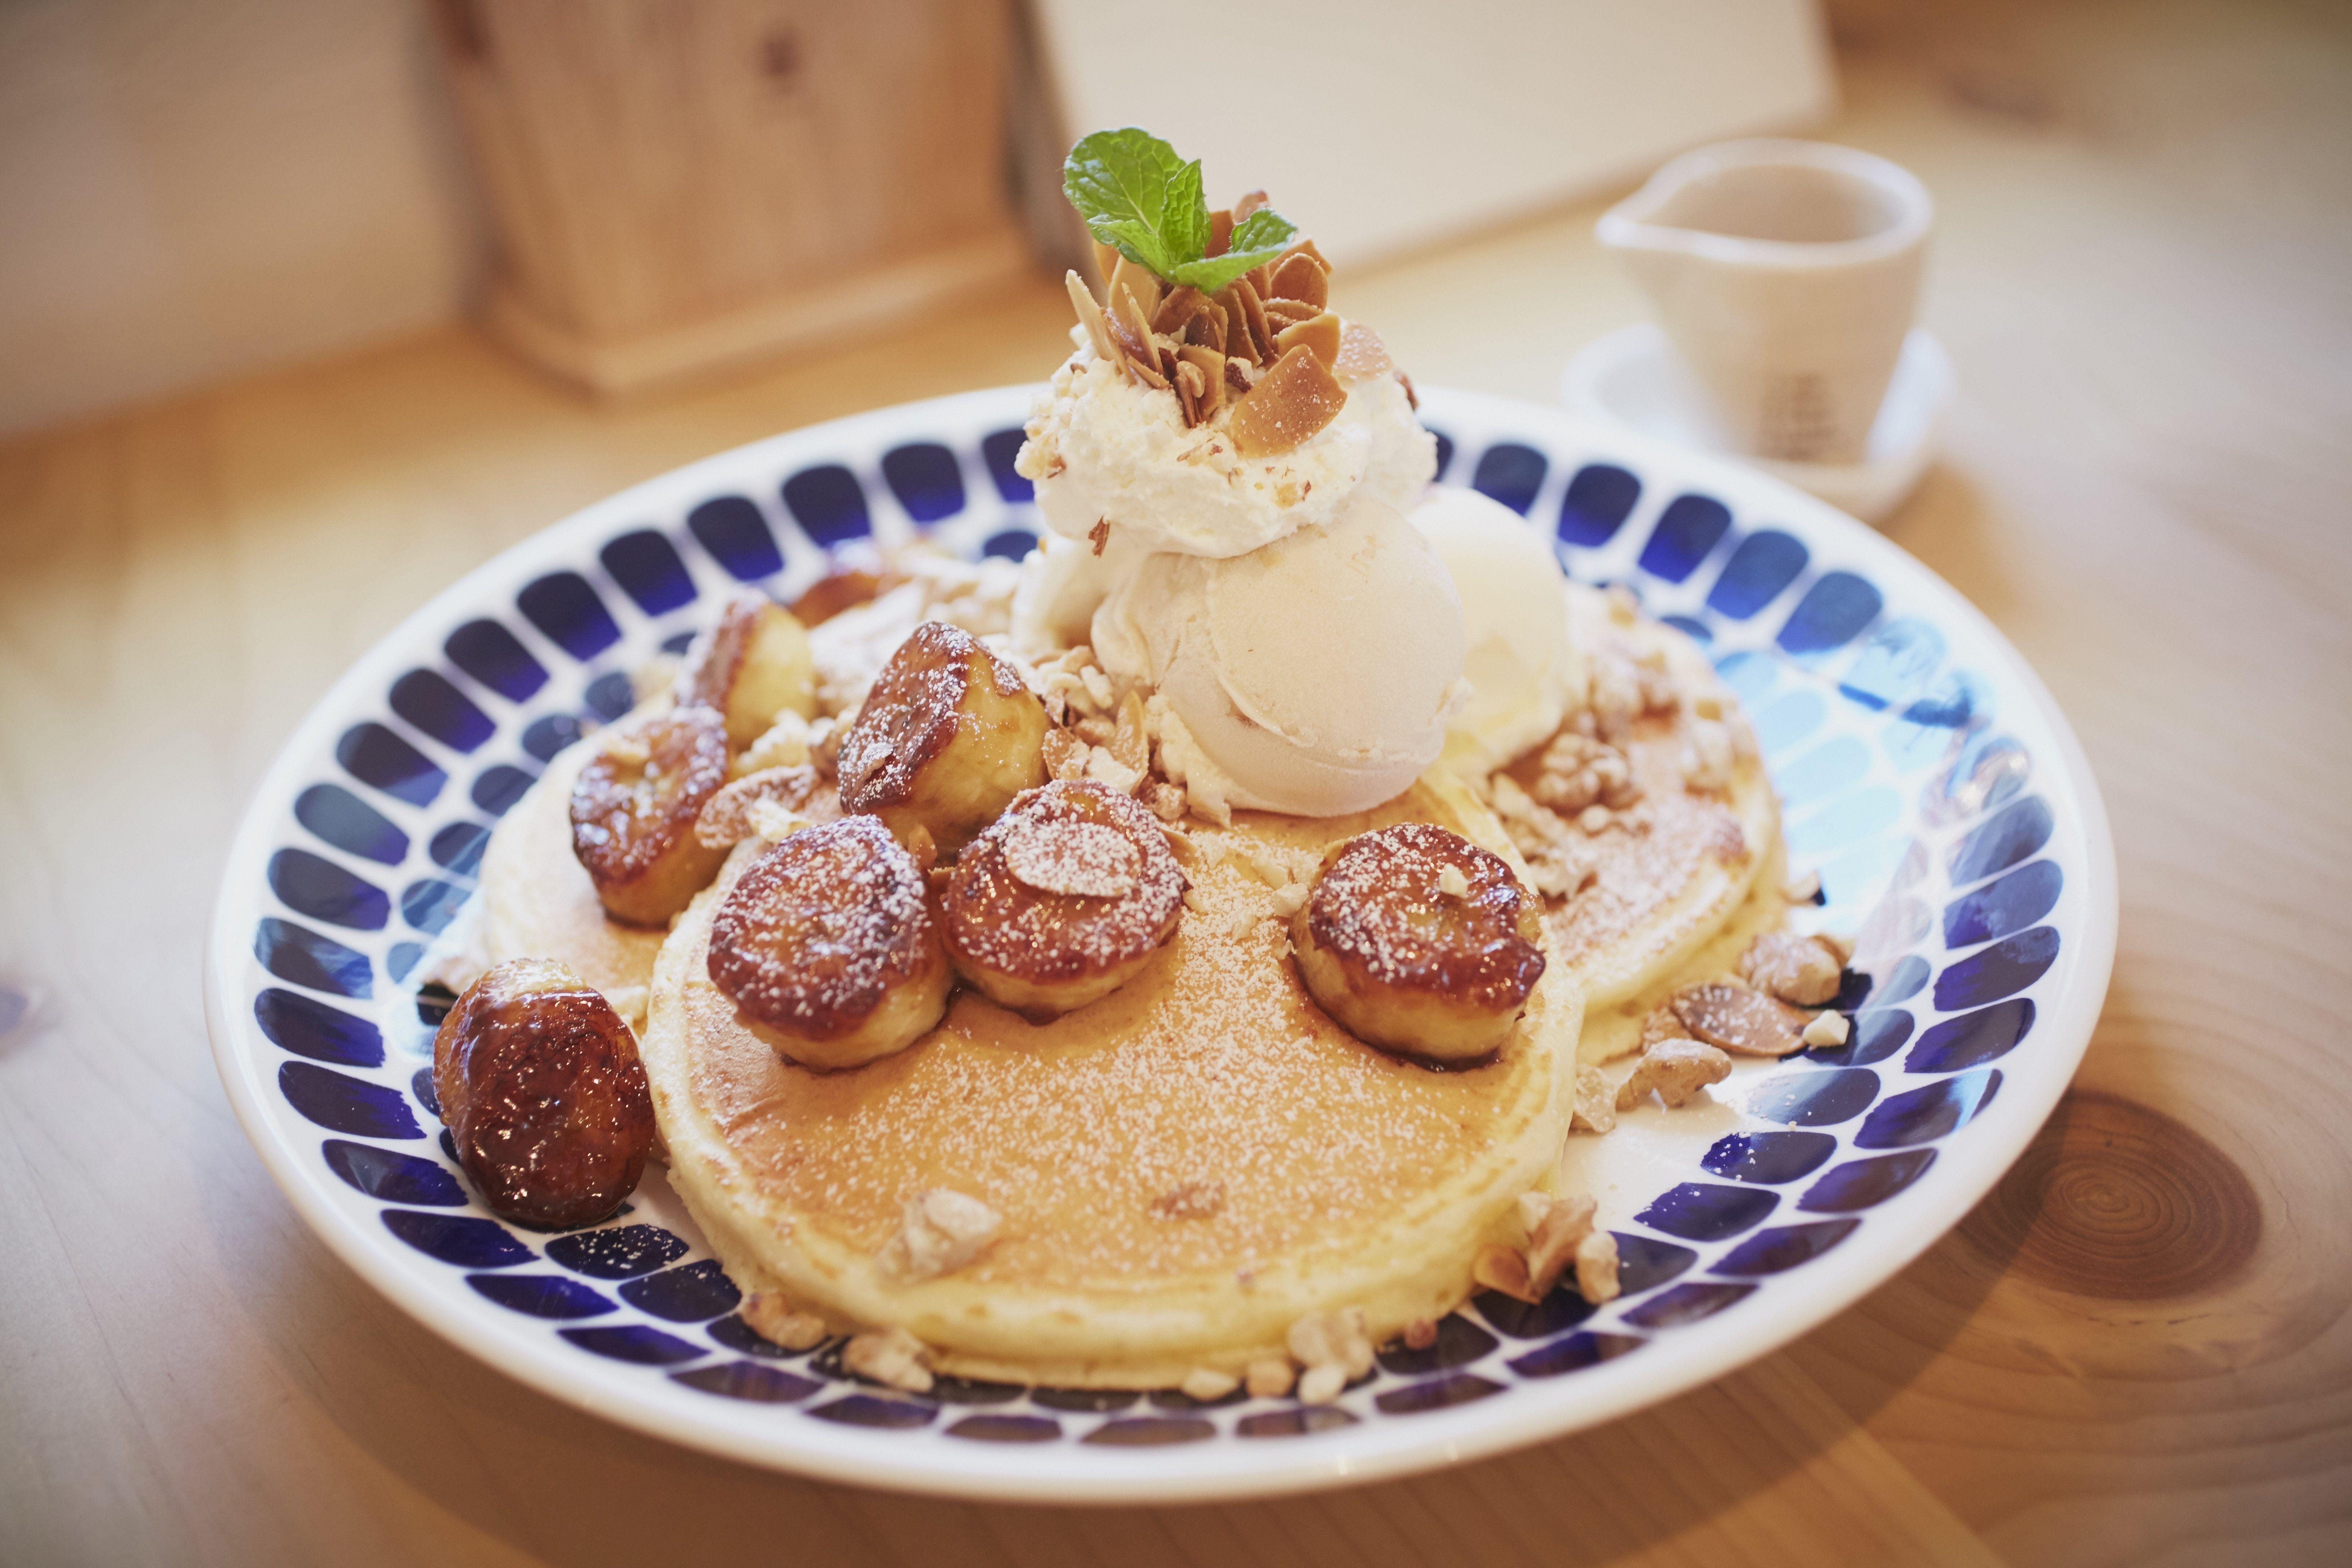 八戸のカフェ・喫茶店のおすすめ厳選9店!ランチやパンケーキが人気!